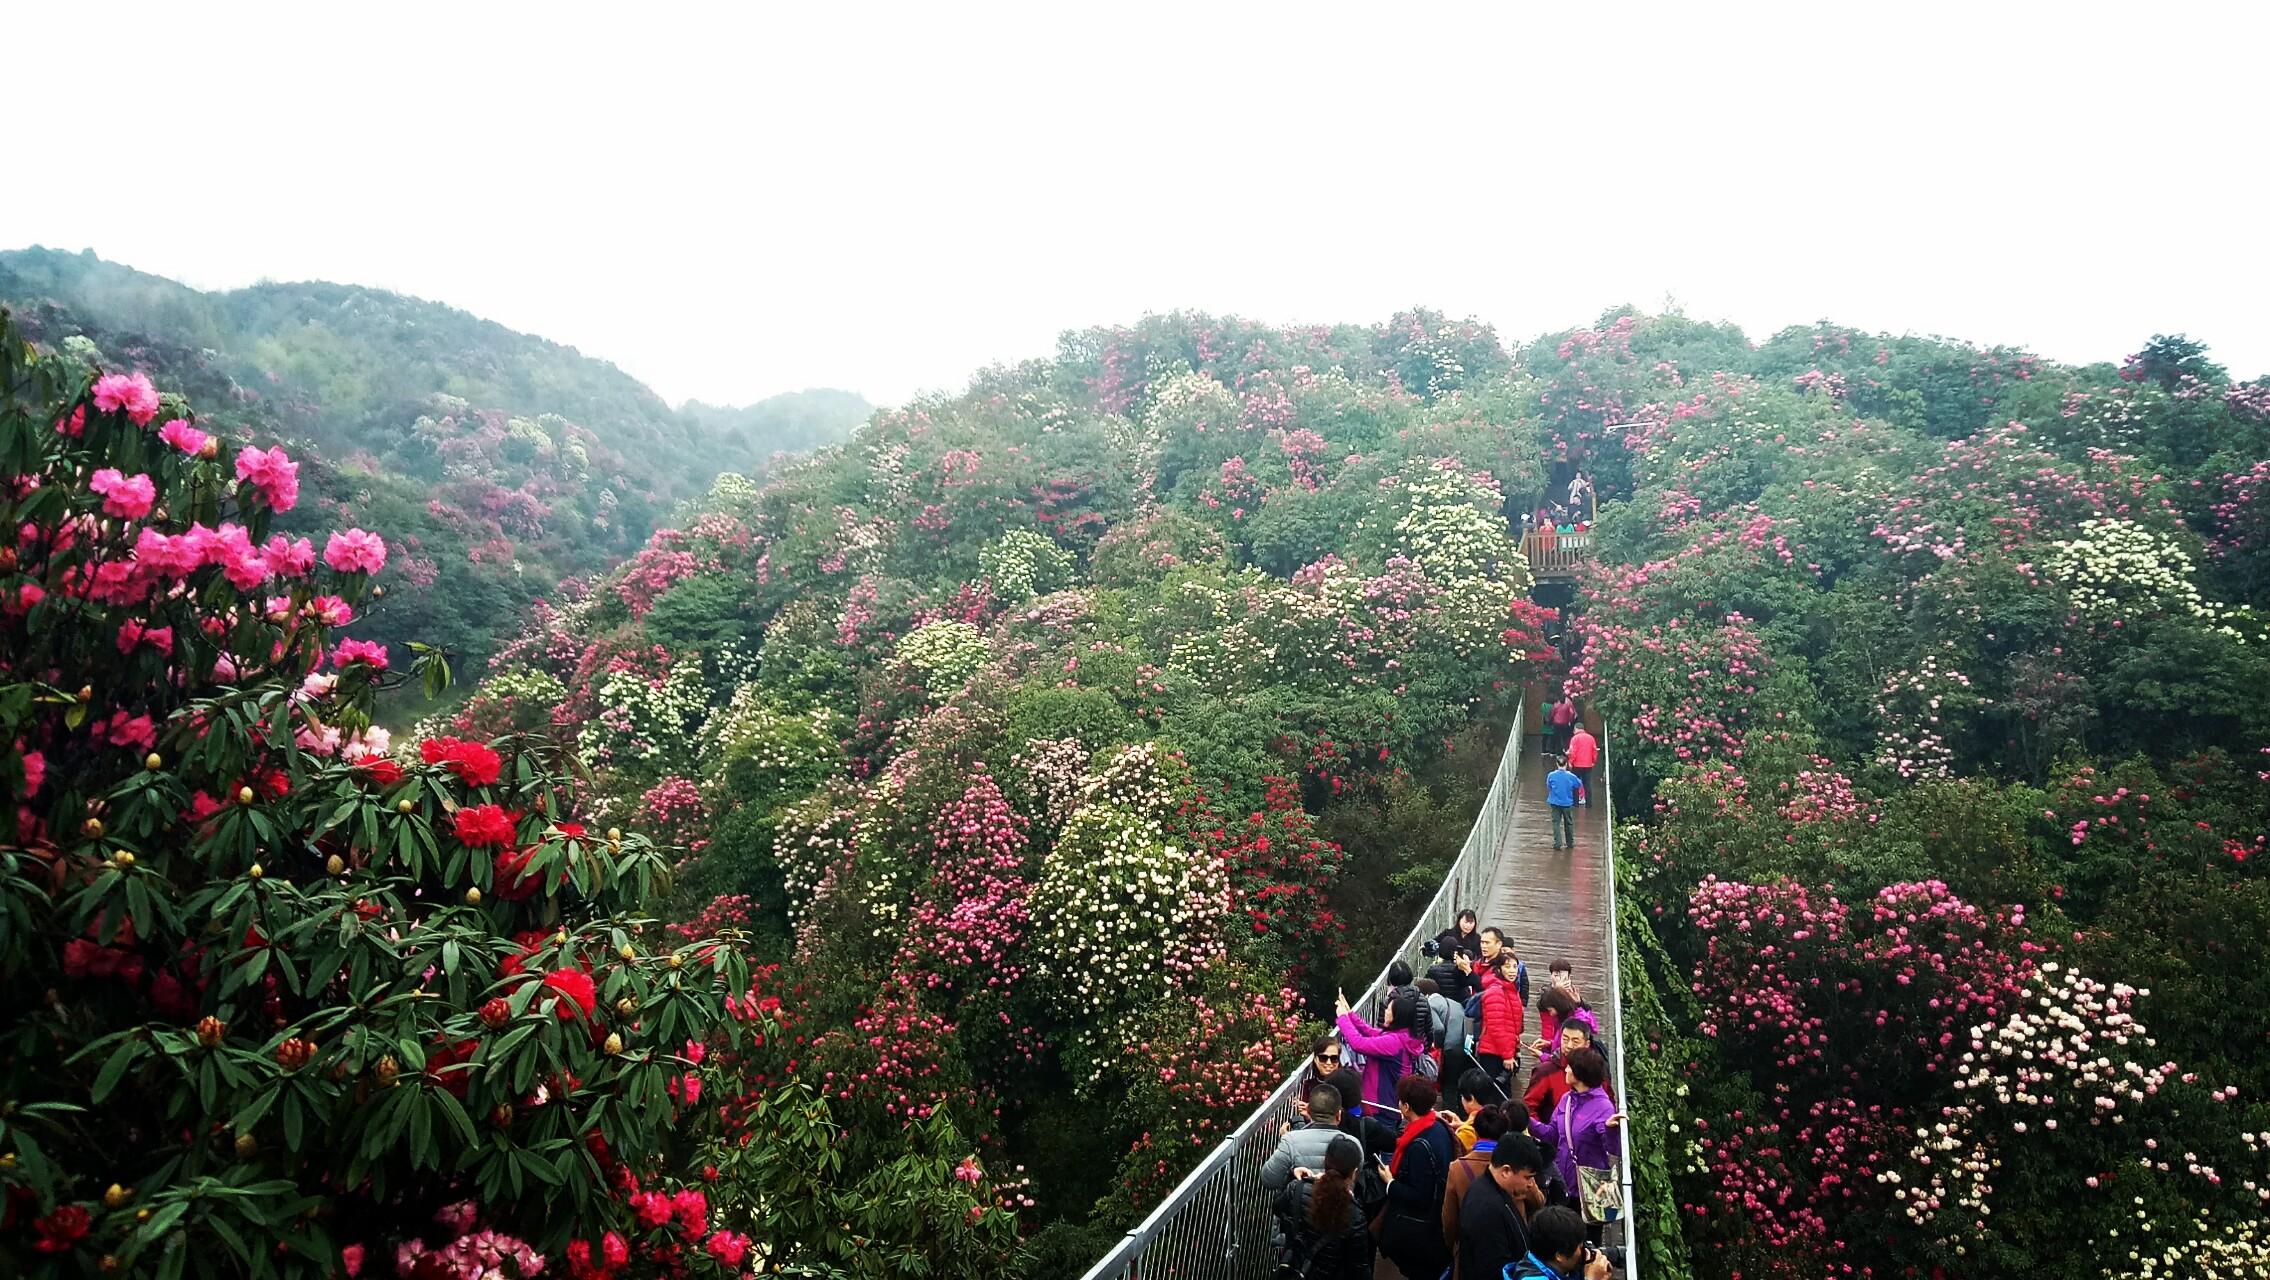 国际杜鹃论坛,花海音乐节,苗族神鼓节,贵州百里杜鹃第二十四届国际